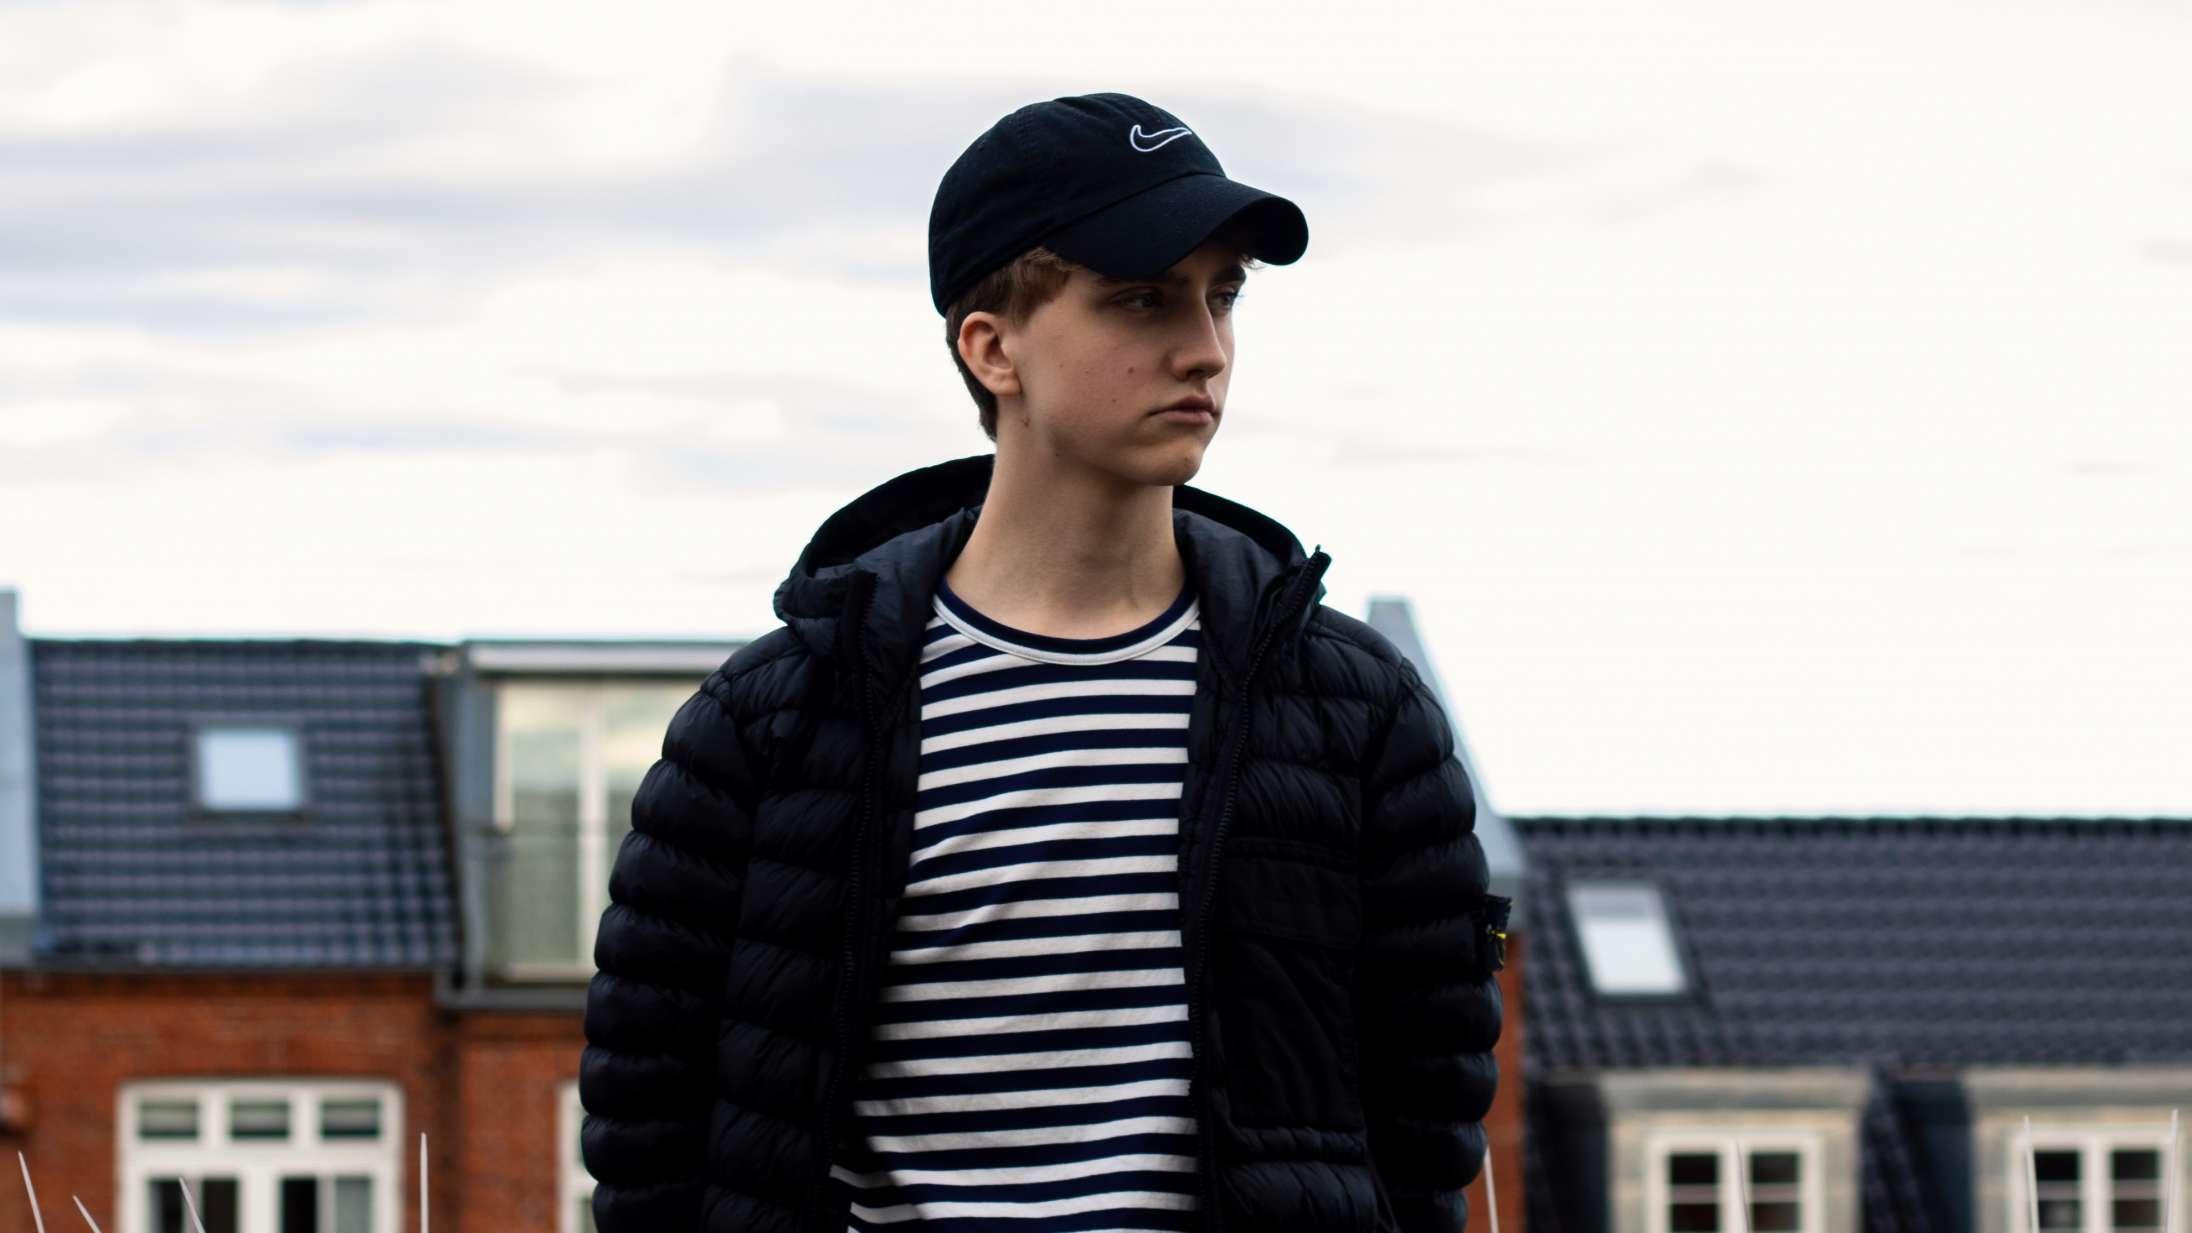 19-årig dansker sælger beats til Bad Bunny og Joyner Lucas via Instagram: »Jeg tænkte: Holy fucking shit!«